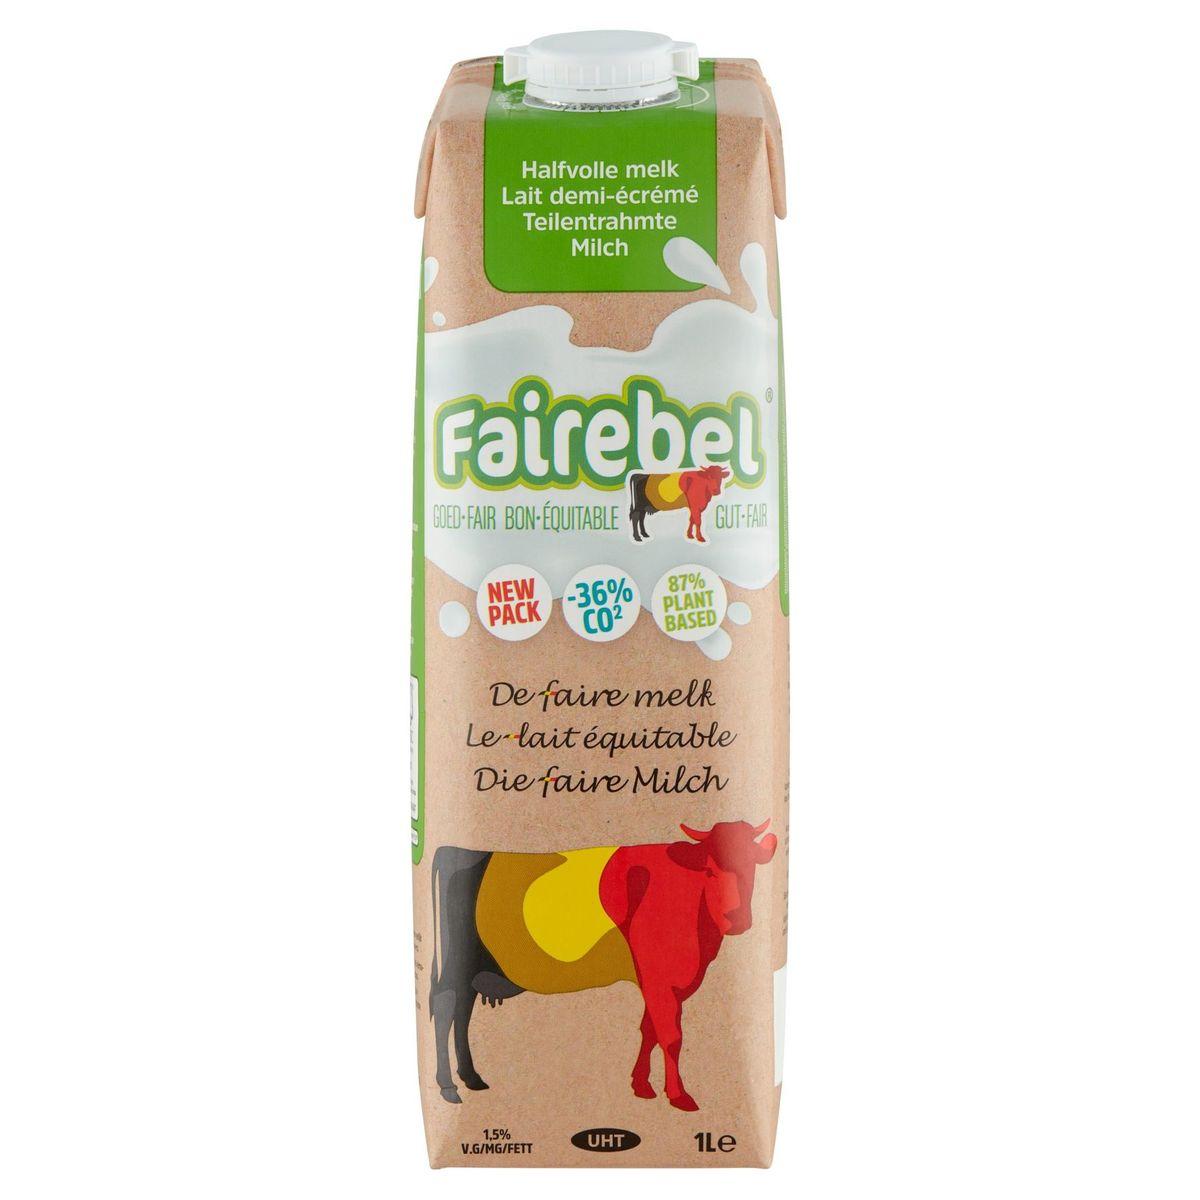 Fairebel Lait Demi-Écremé 1 L